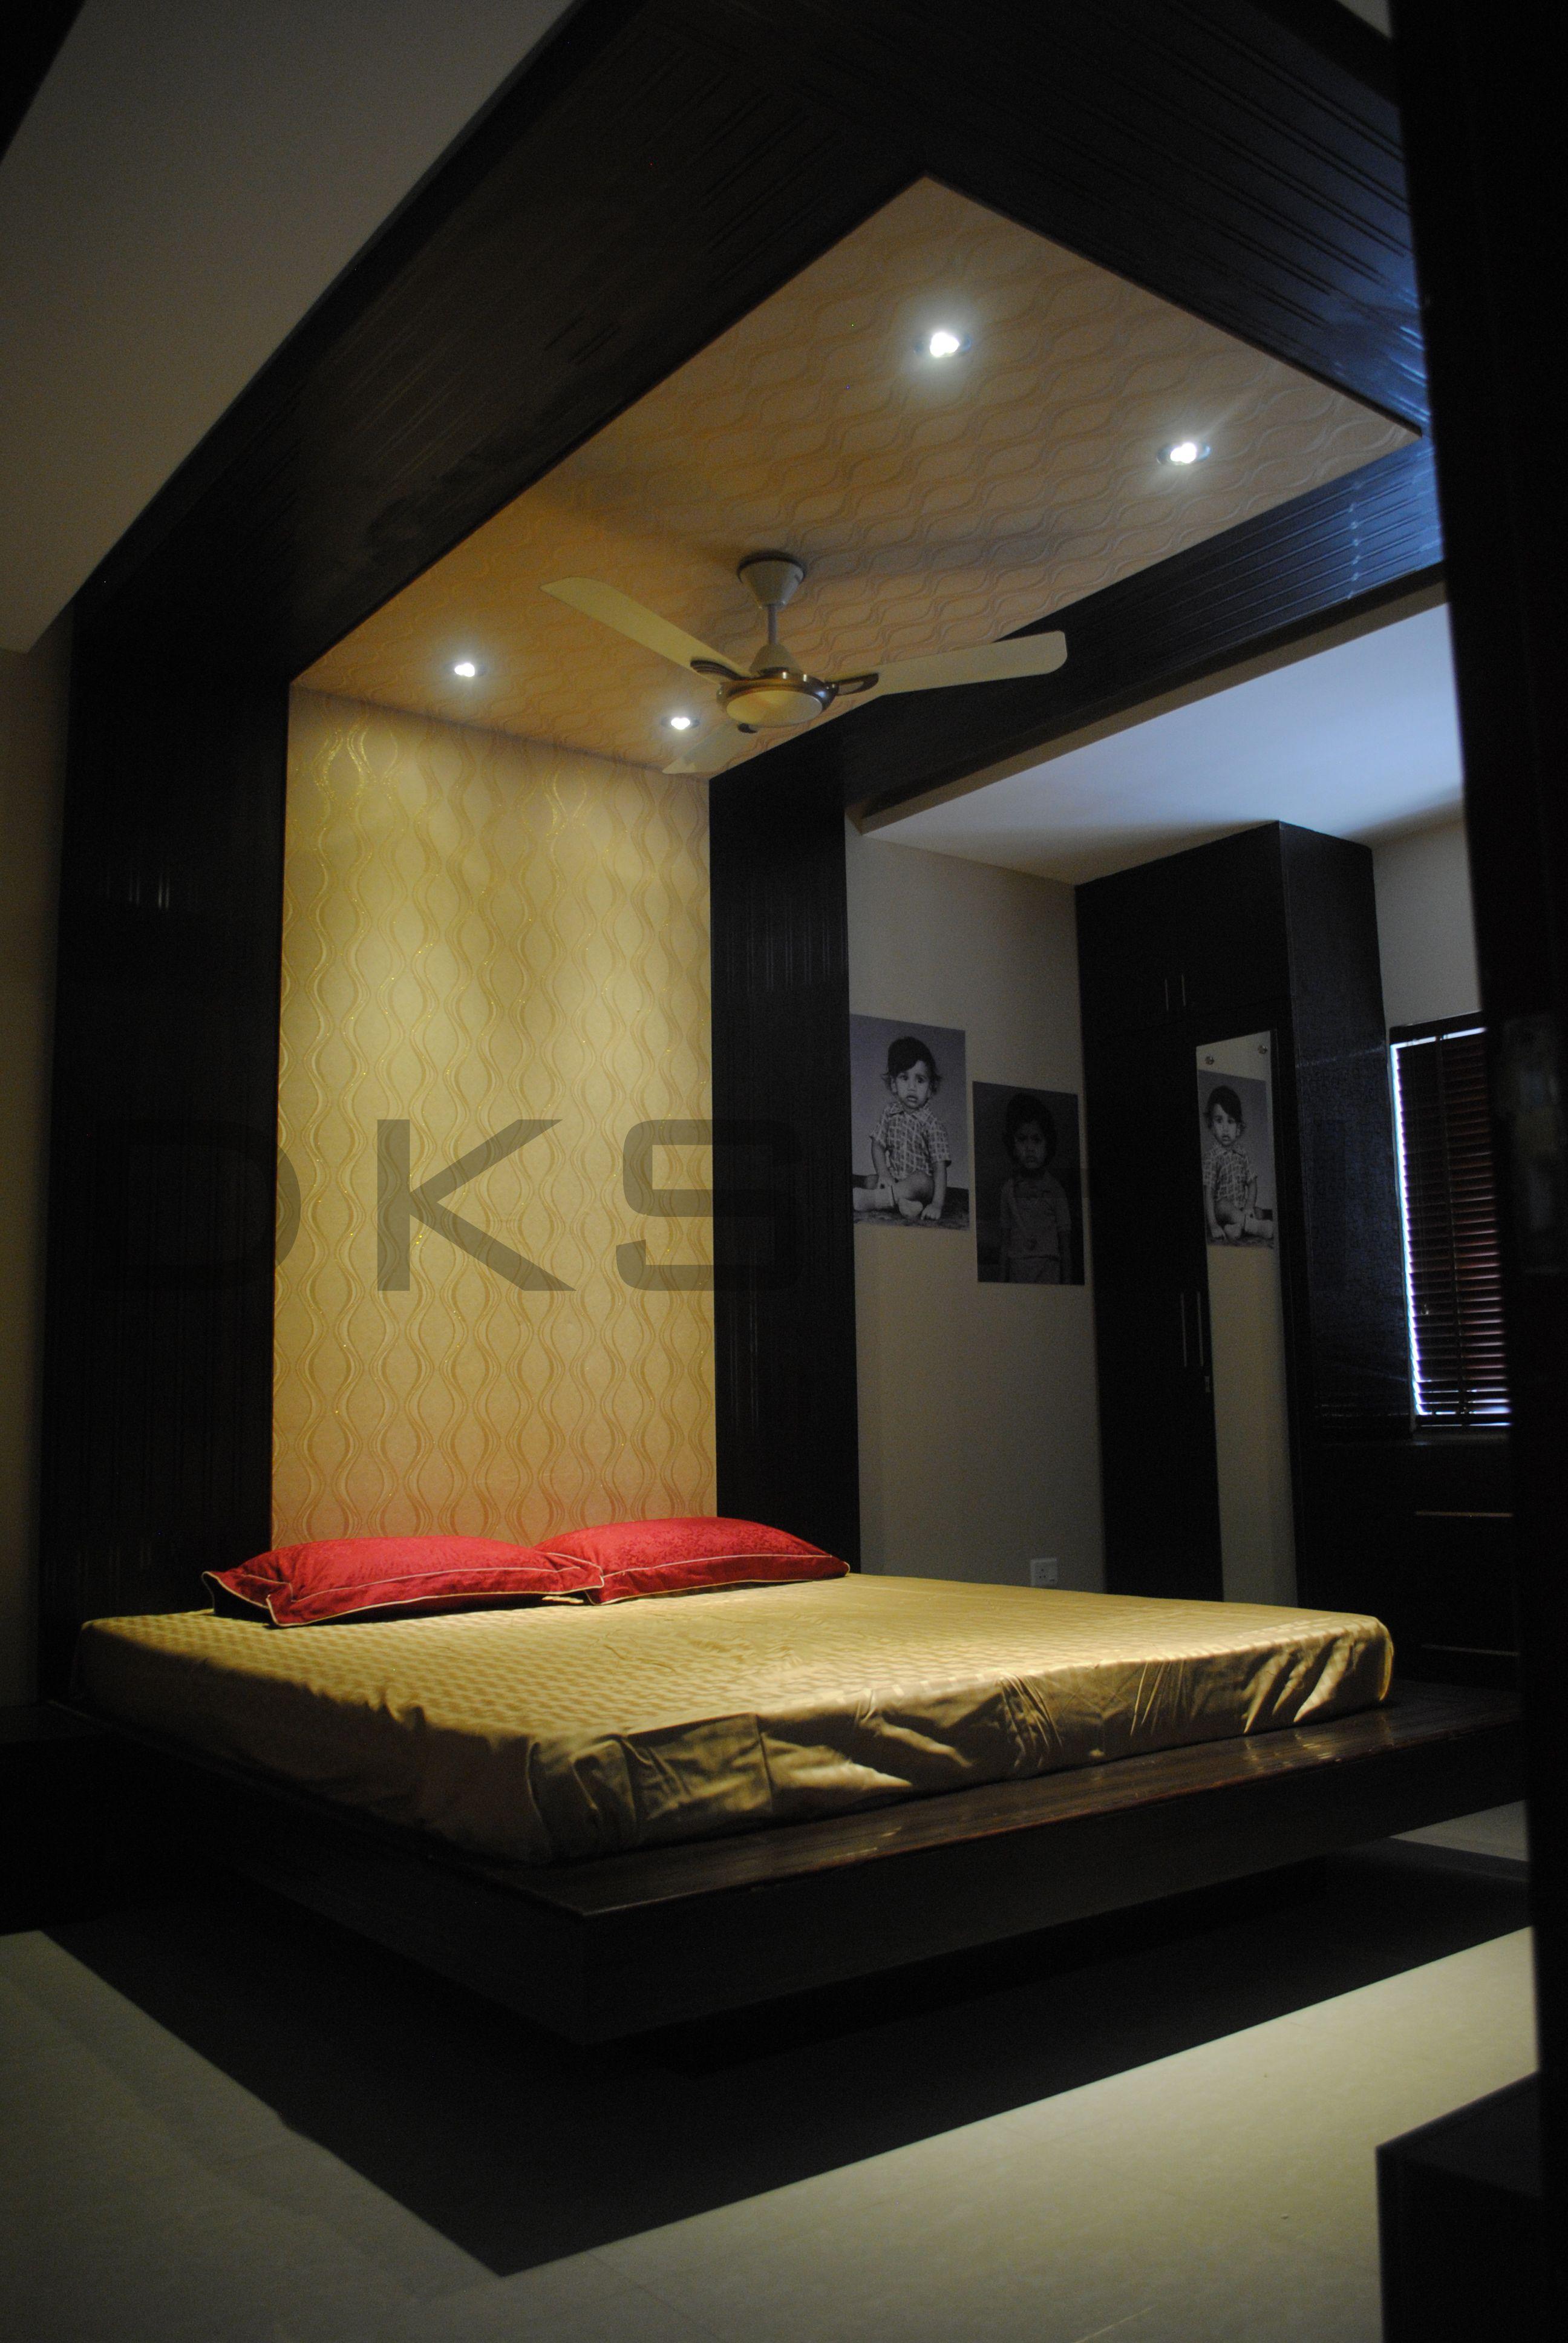 Floating cot   Master bedroom. Floating cot   Master bedroom   Residential Interior designs   Mr